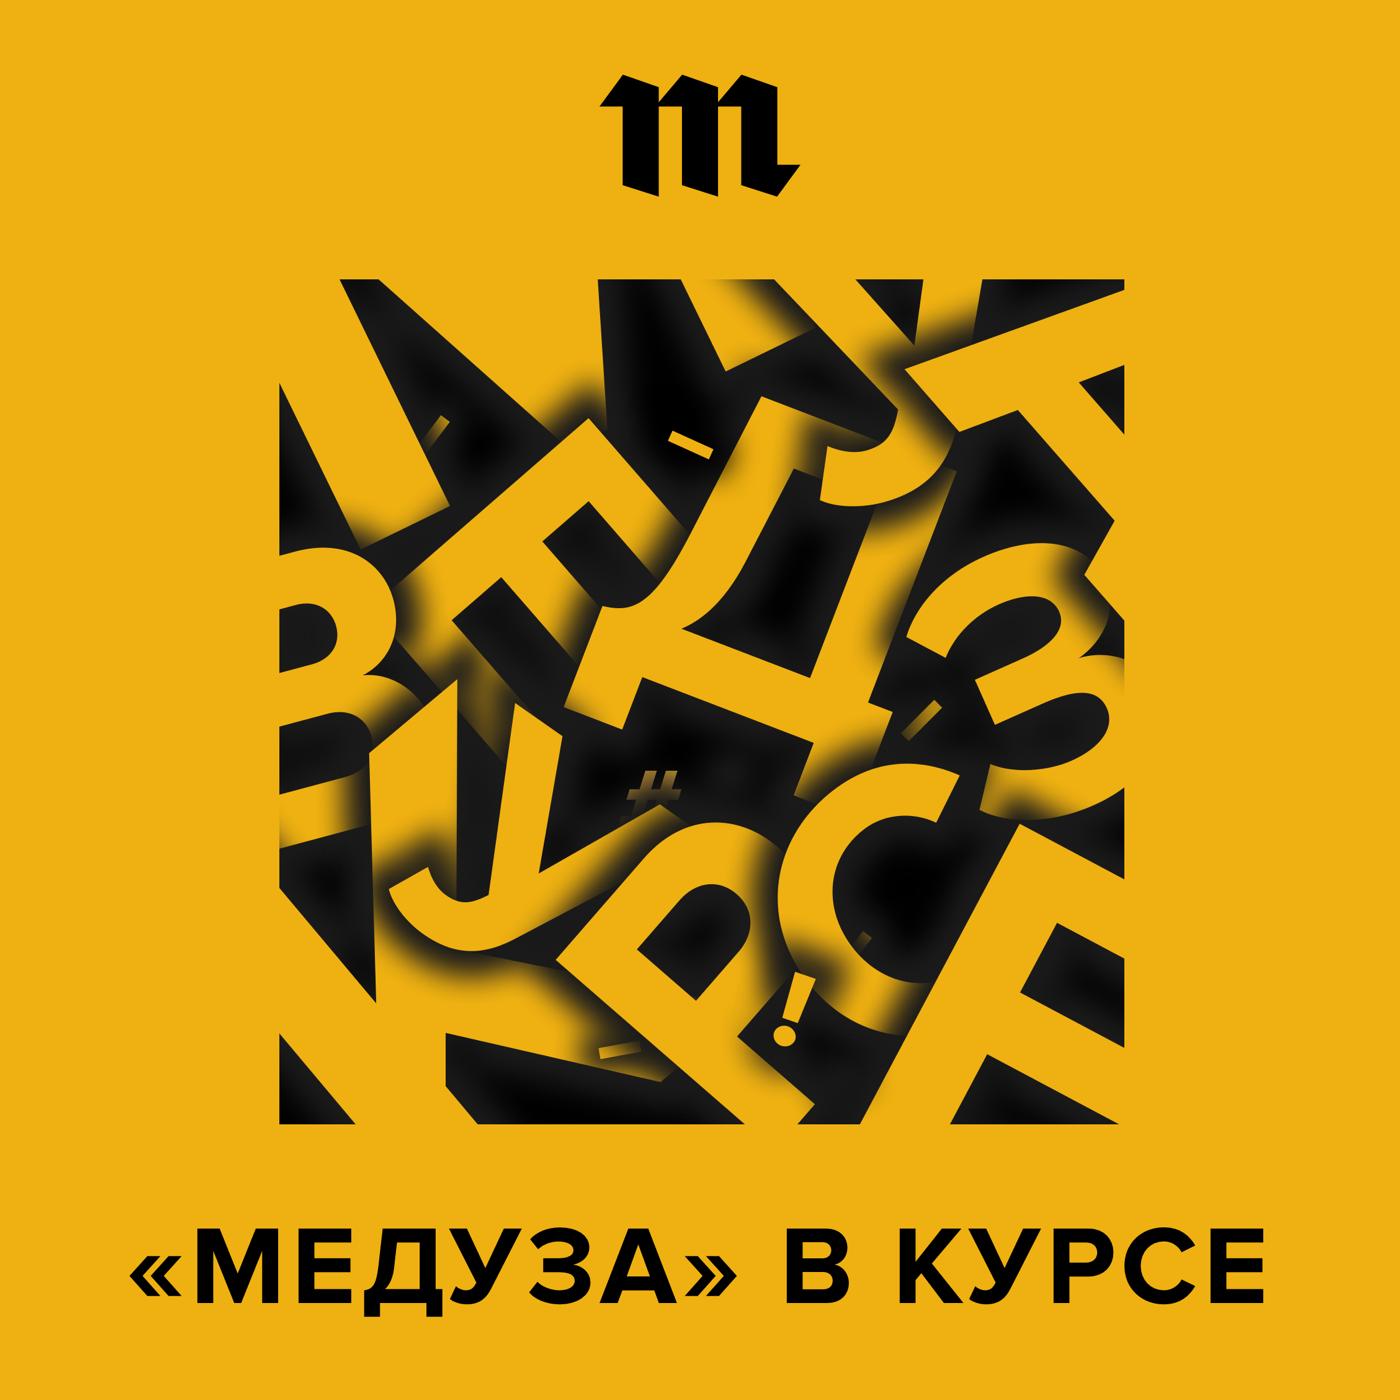 Алексей Пономарев Вирус Petya иузник Телеграма фортепианный дуэт алексей володин и константин лифшиц